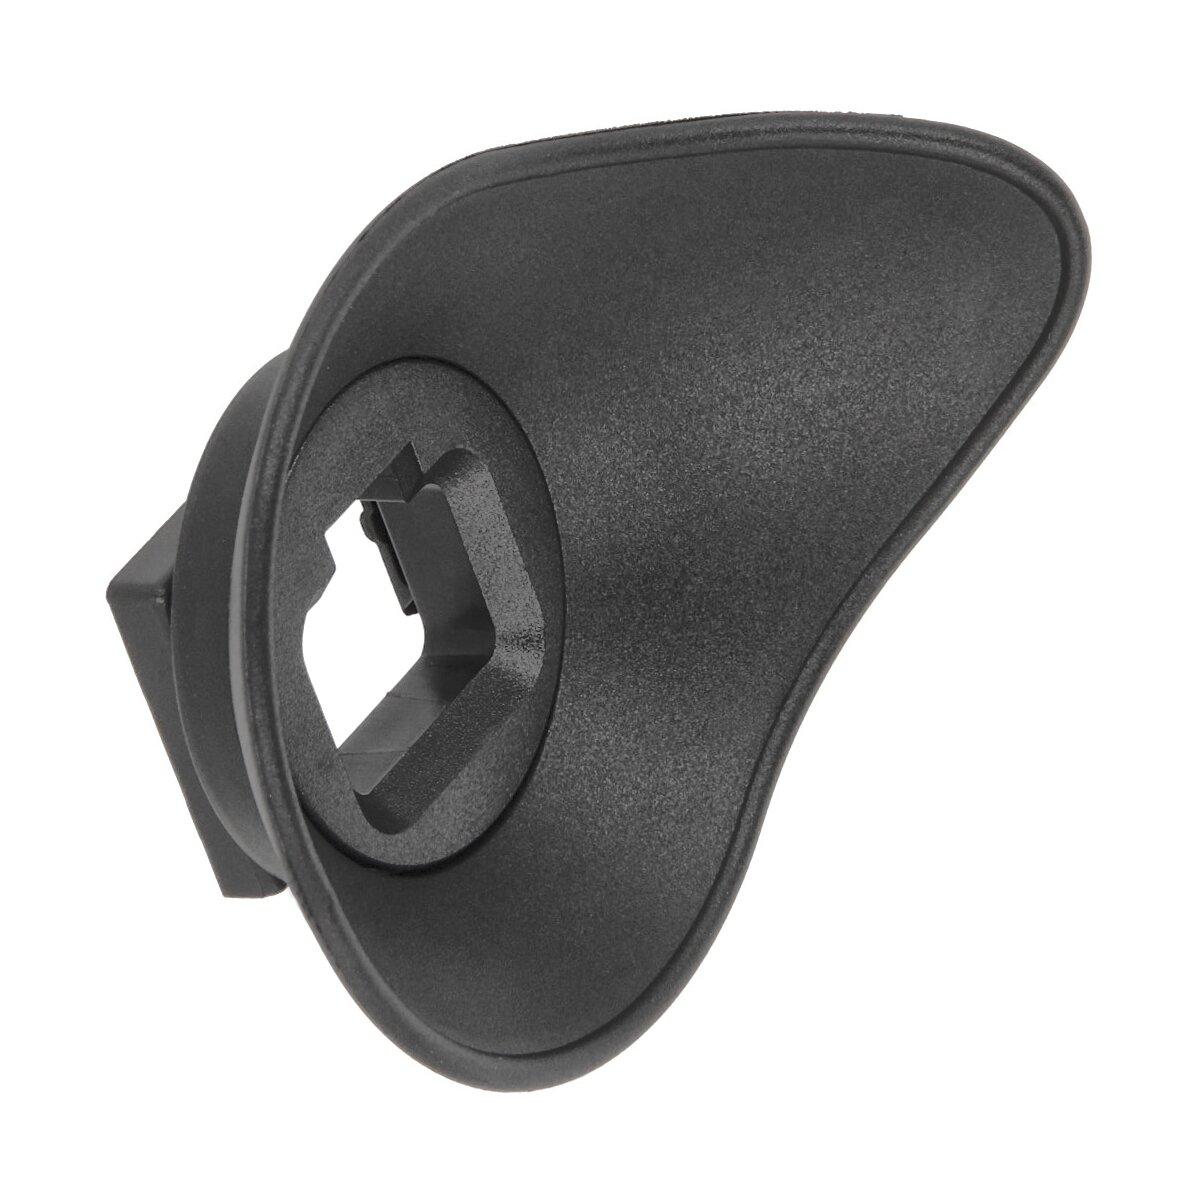 JJC Augenmuschel für Sony-a7 Kameras ersetzt Sony FDA-EP16 geeignet für Brillenträger und gegen Streulicht bei augengesteuerter Scharfeinstellung